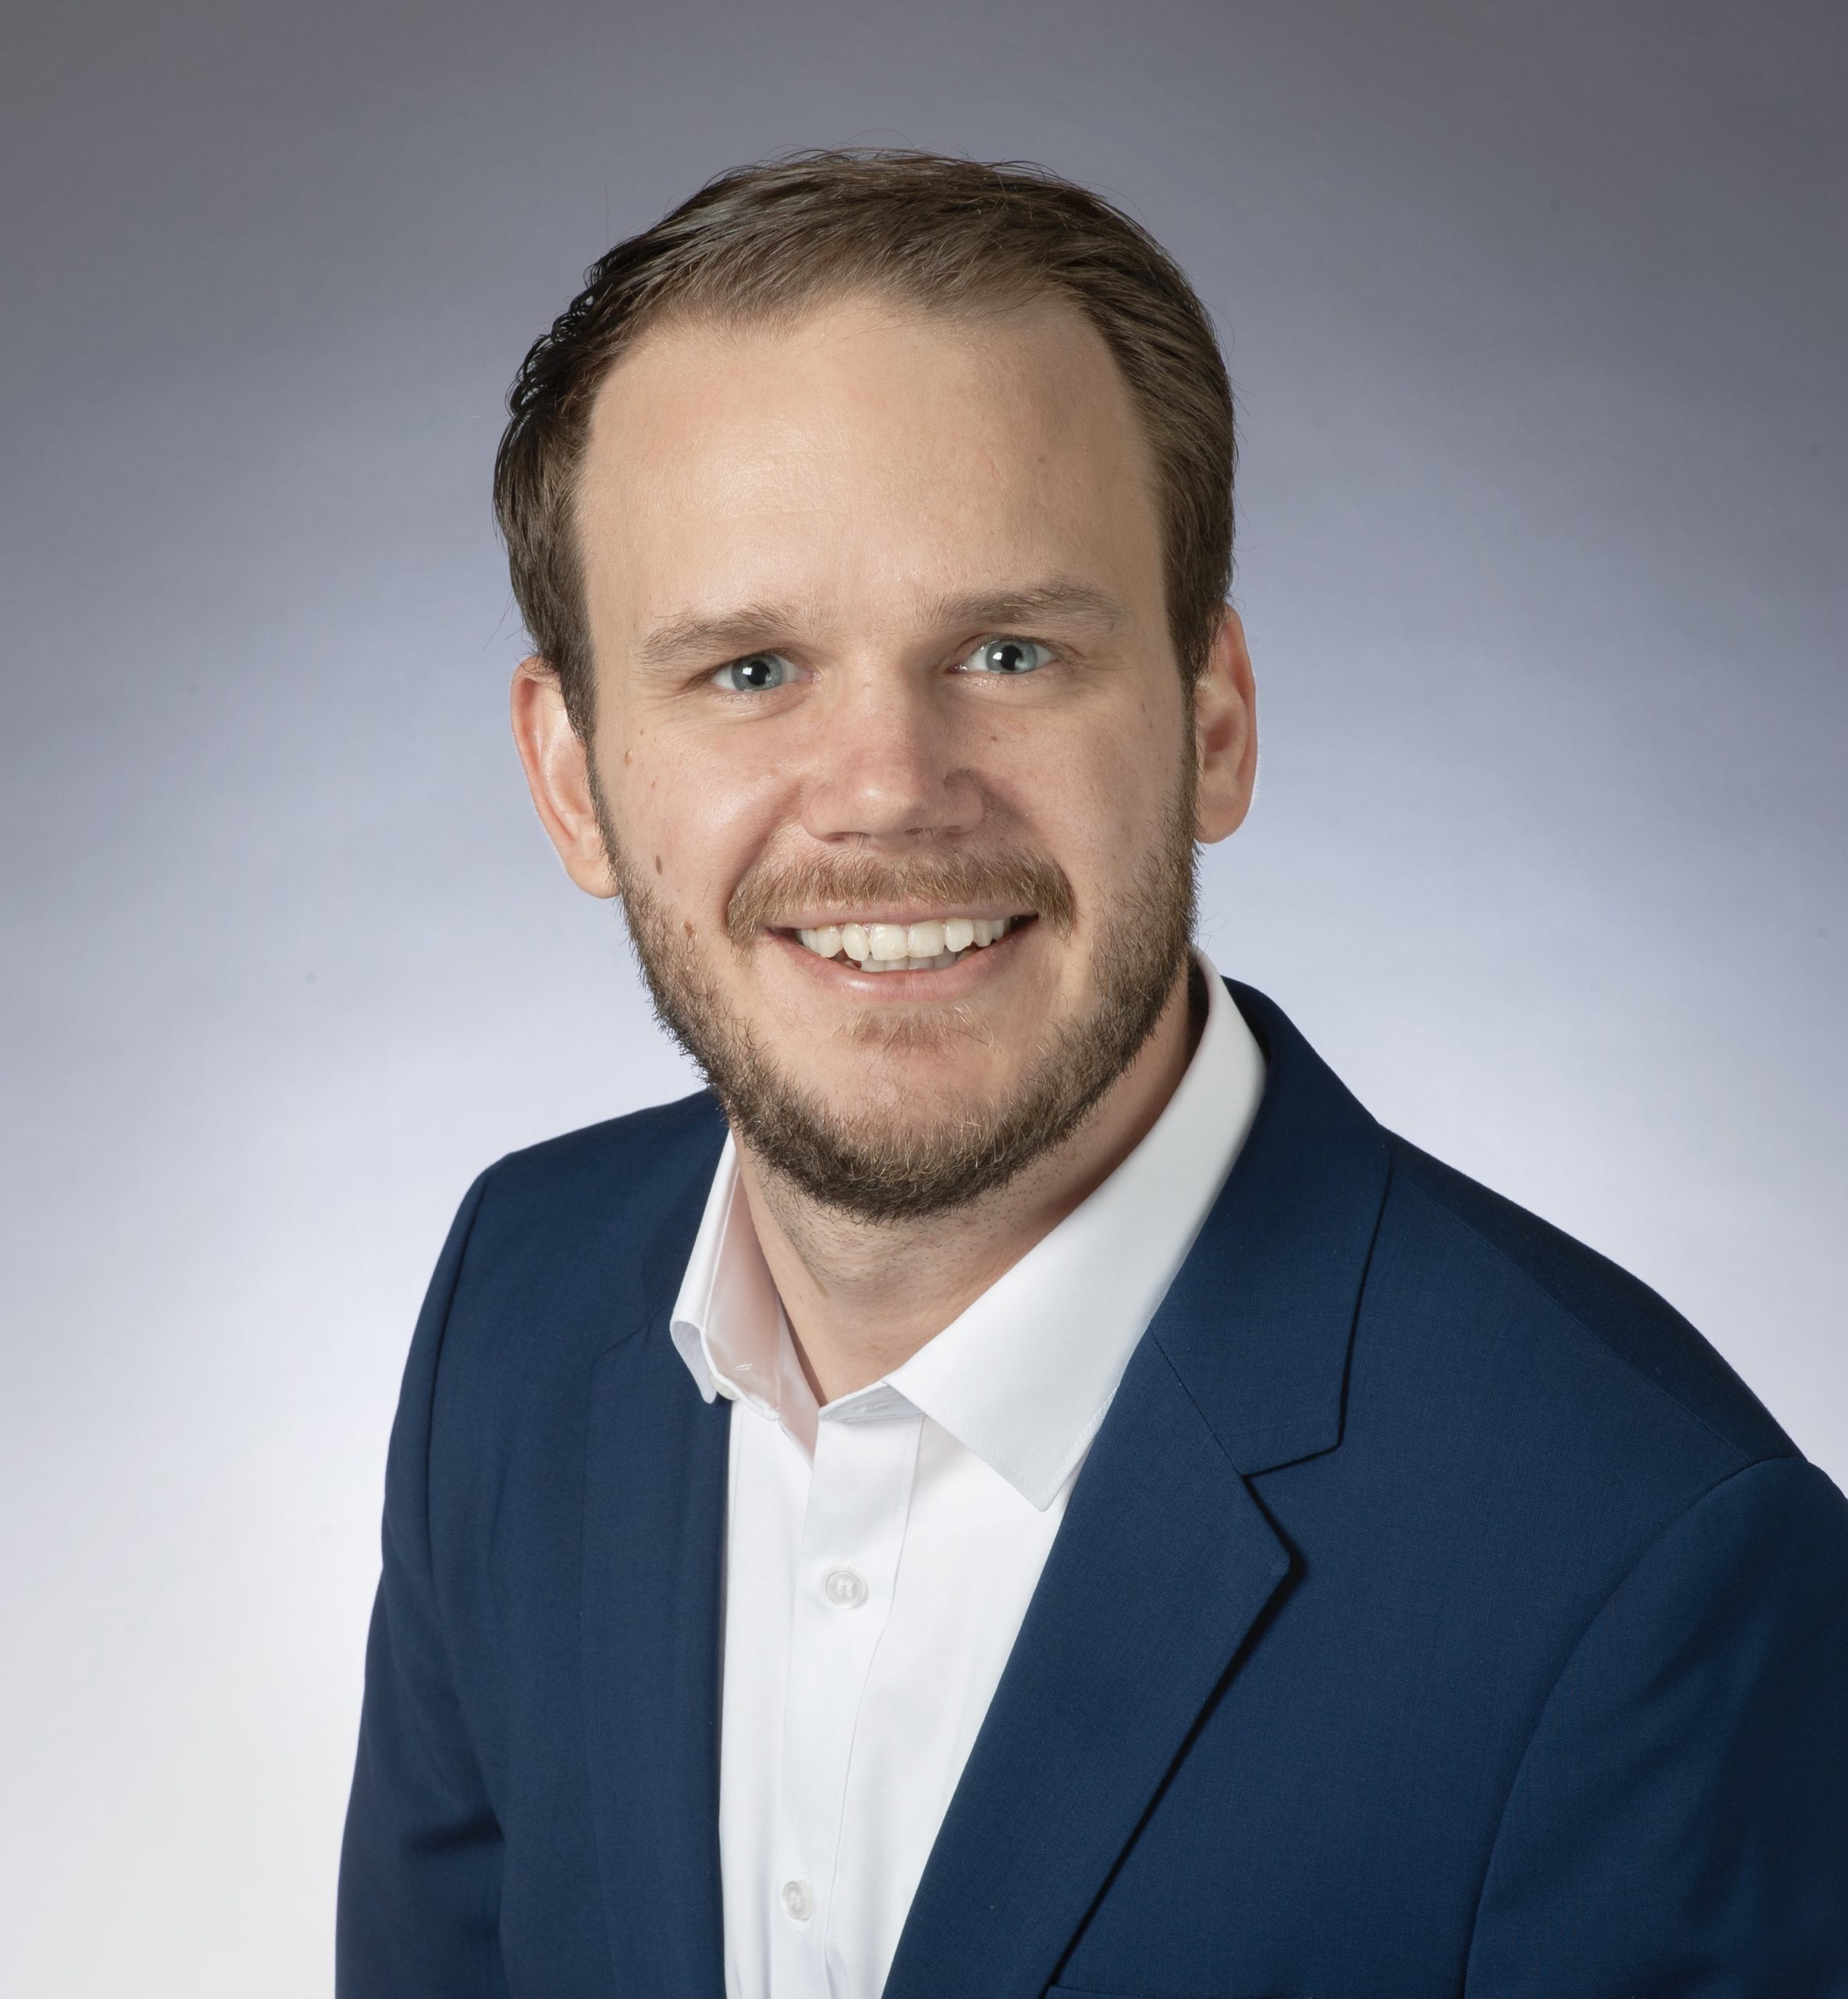 Moritz Becker